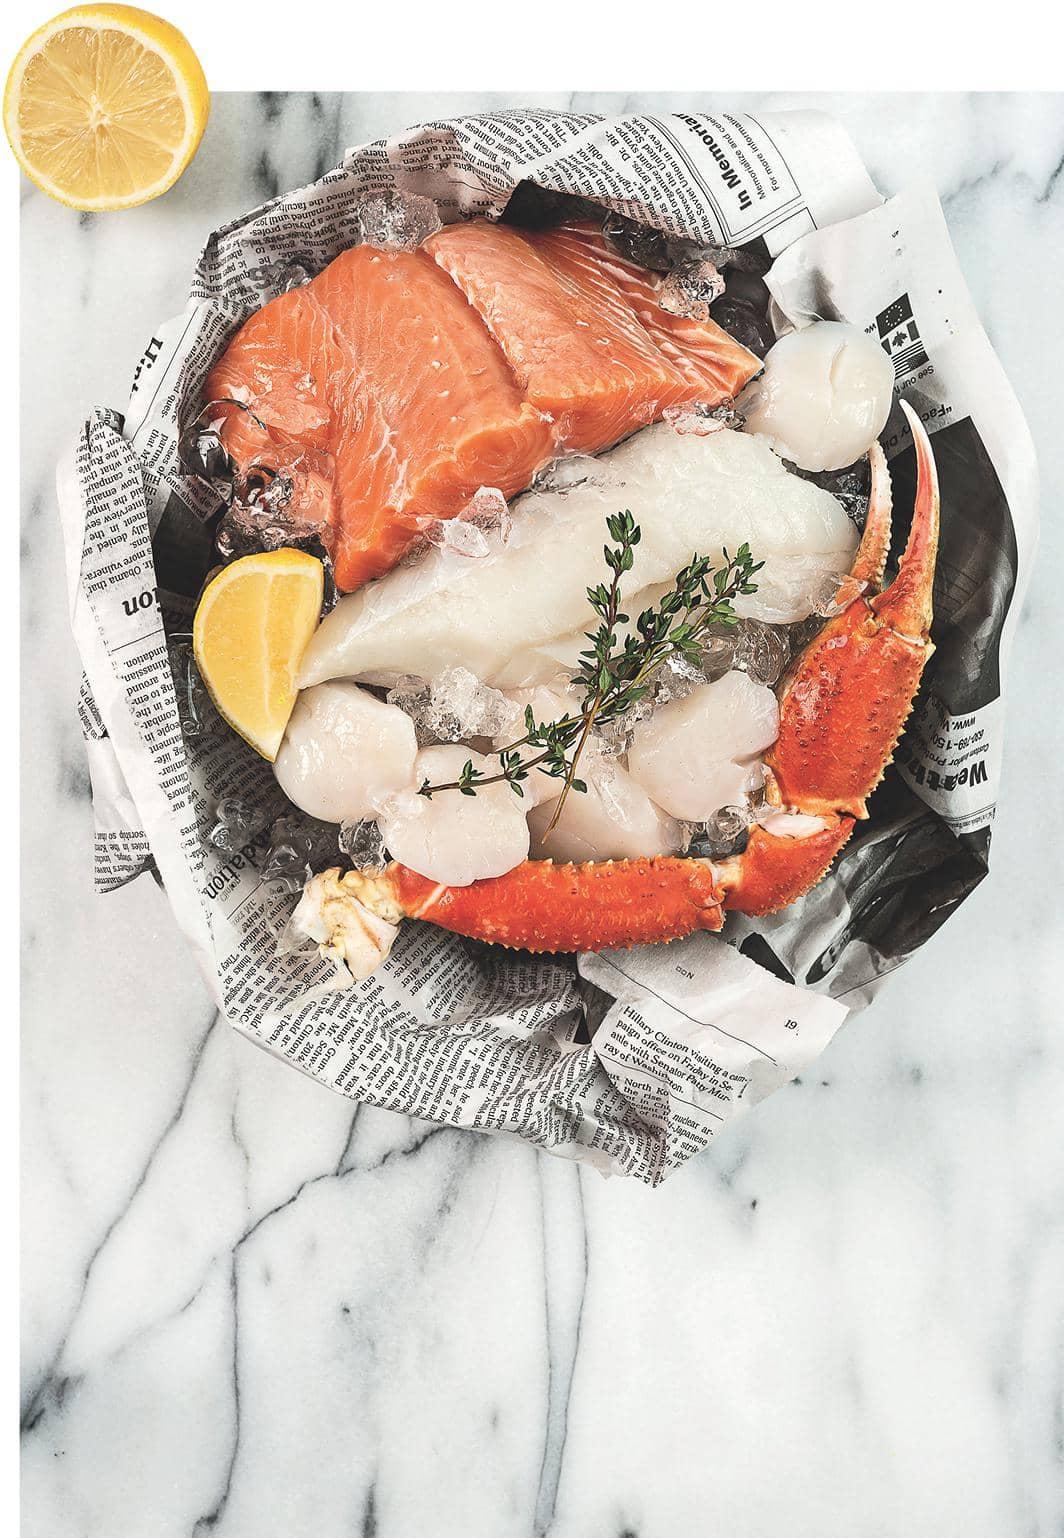 5 Hearty, Winter Wild-Fish Recipes